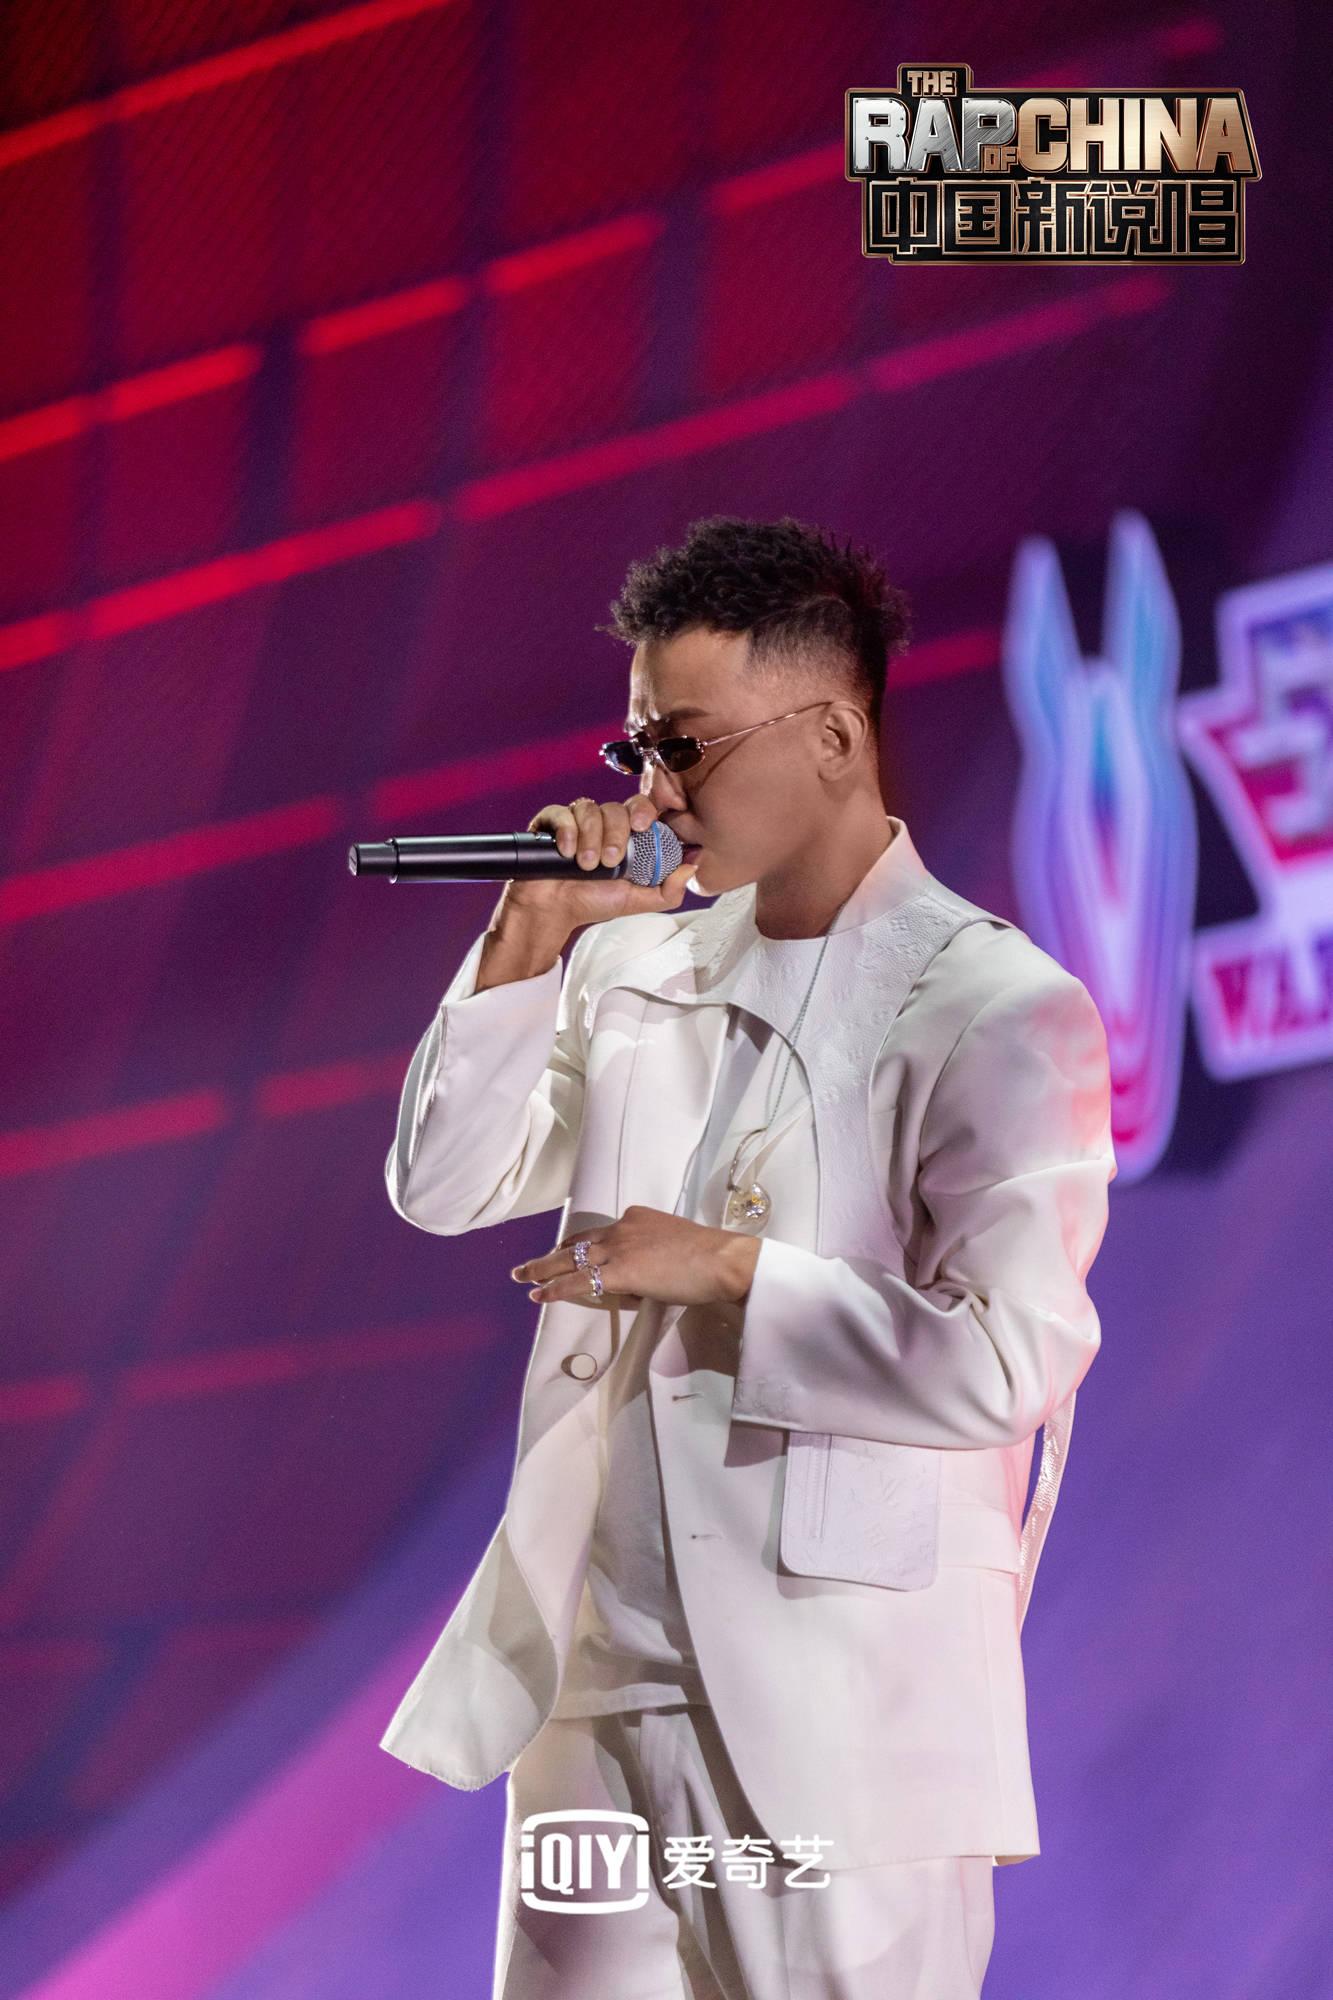 《中国新说唱2020》主理人公演火爆全网 张靓颖歌词回应15年争议